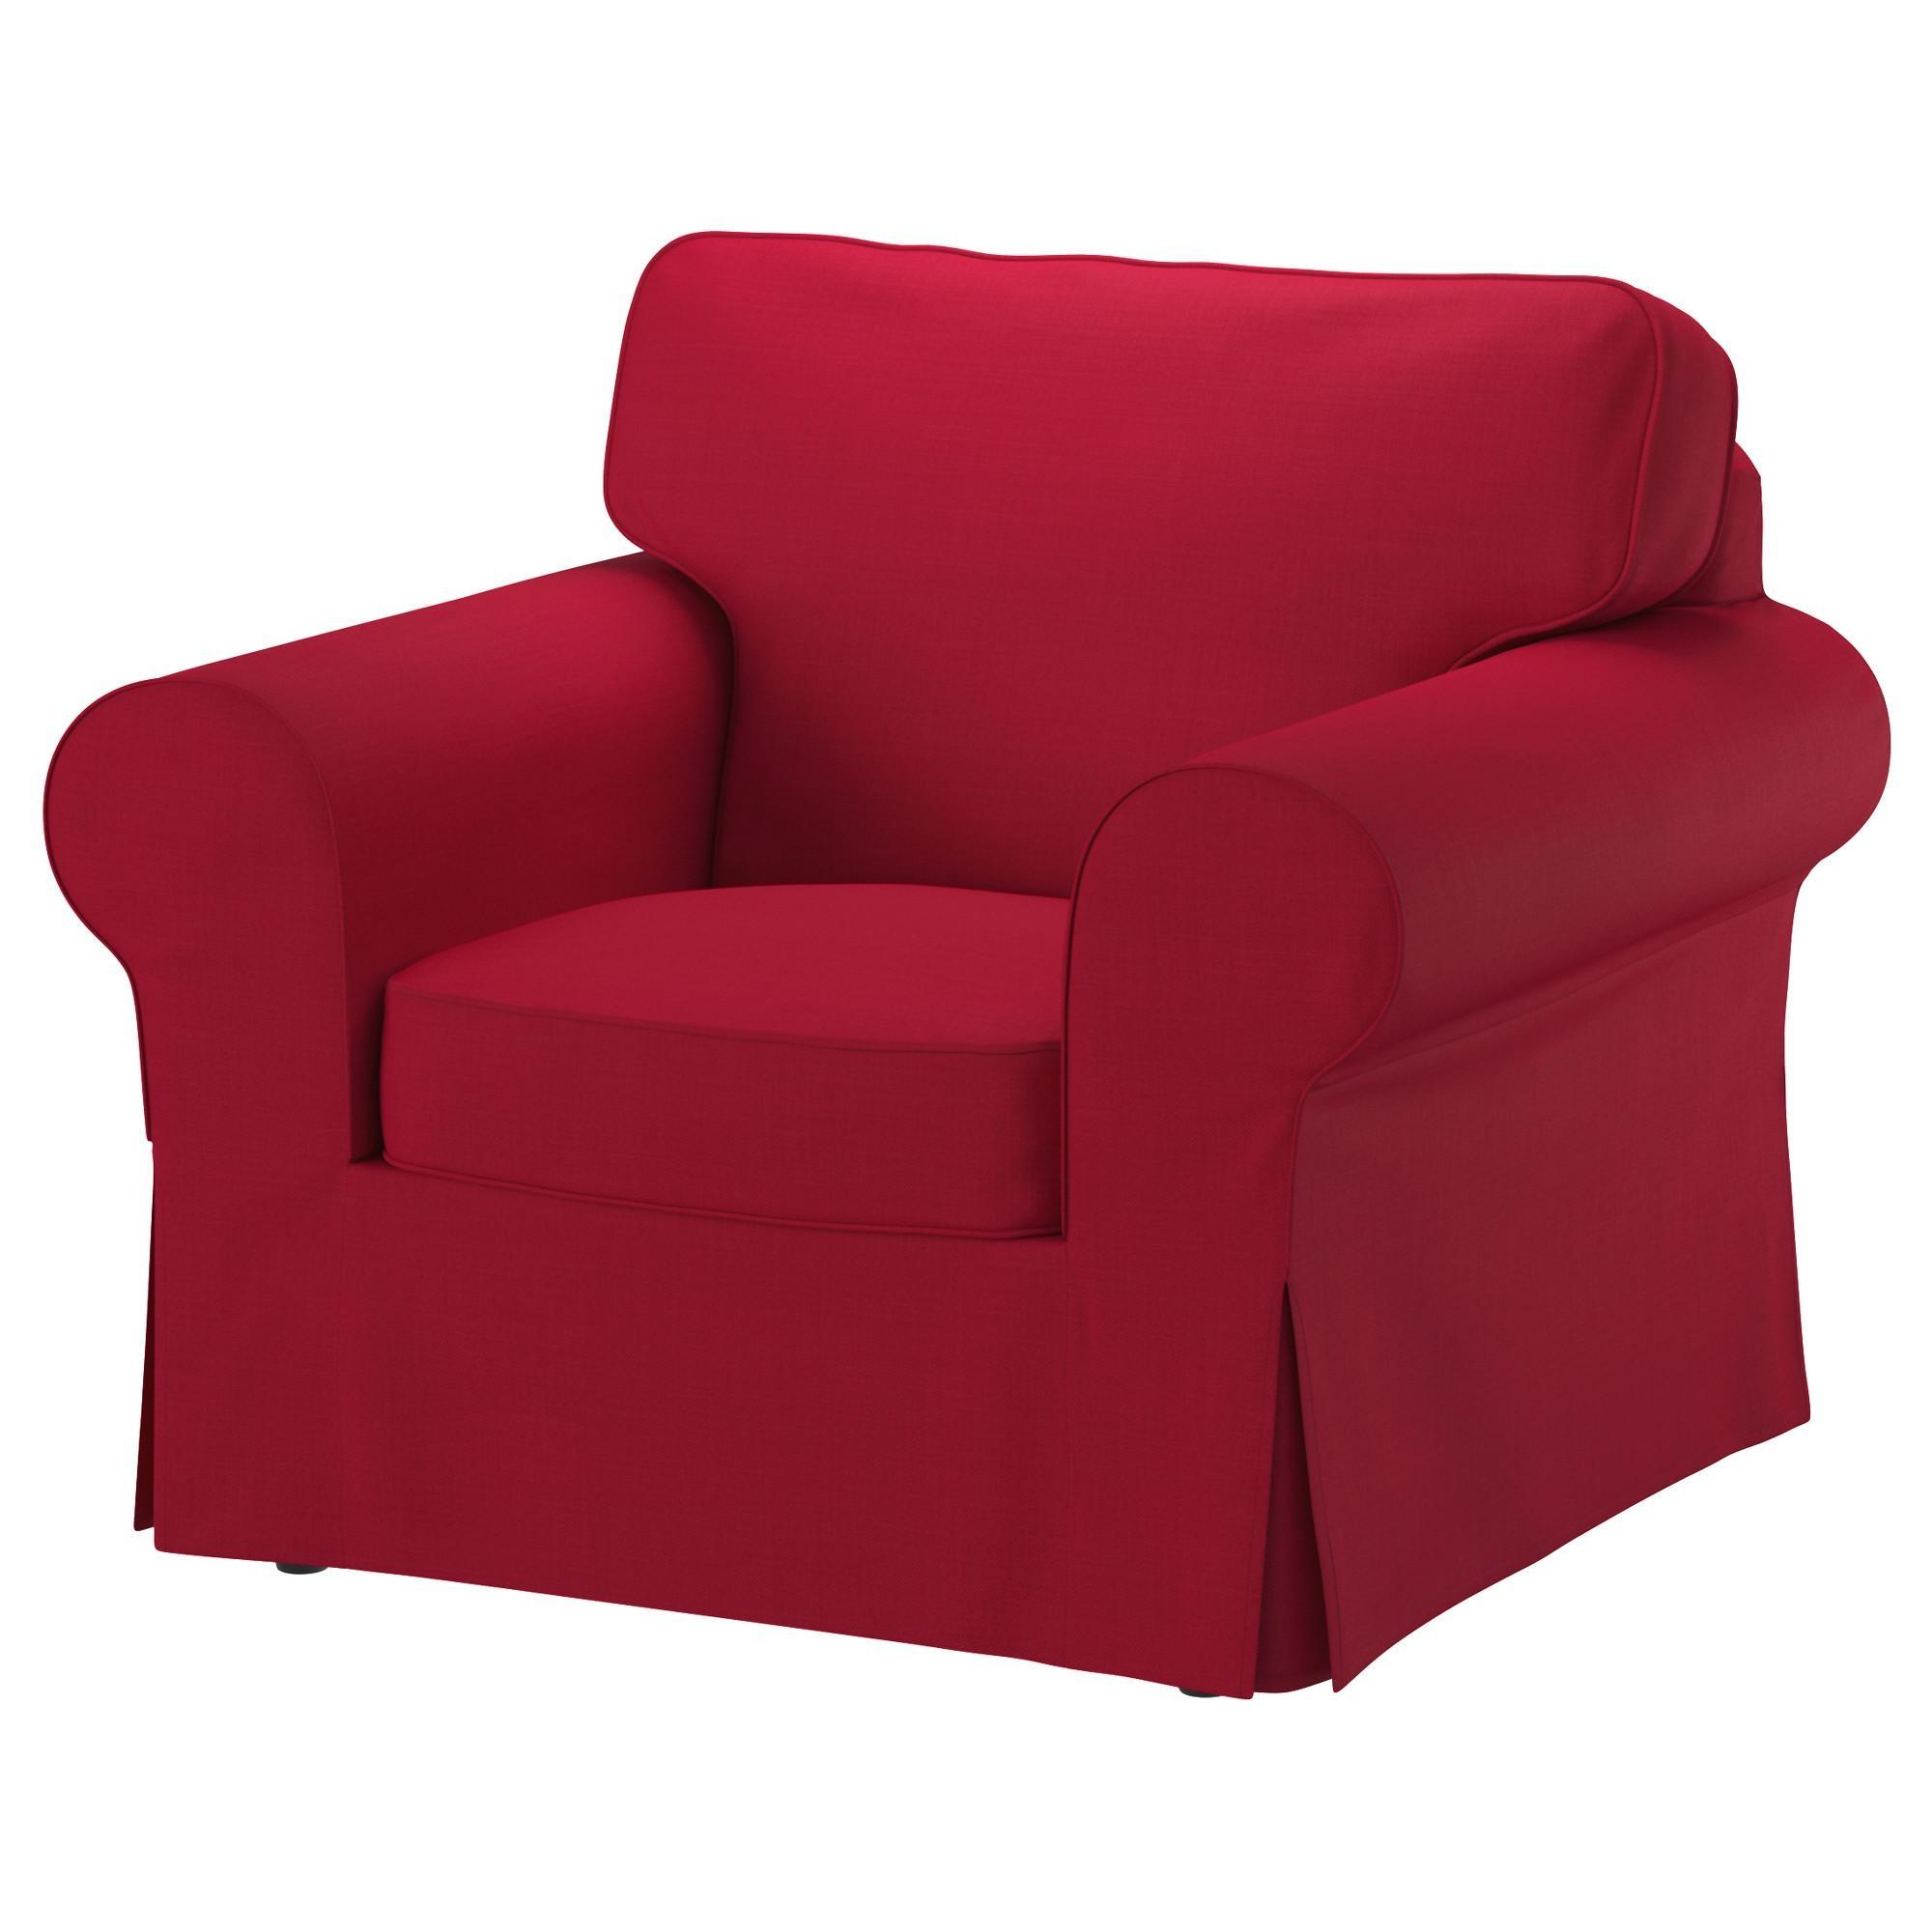 20 Choices Of Sofa Armchair Covers Sofa Ideas